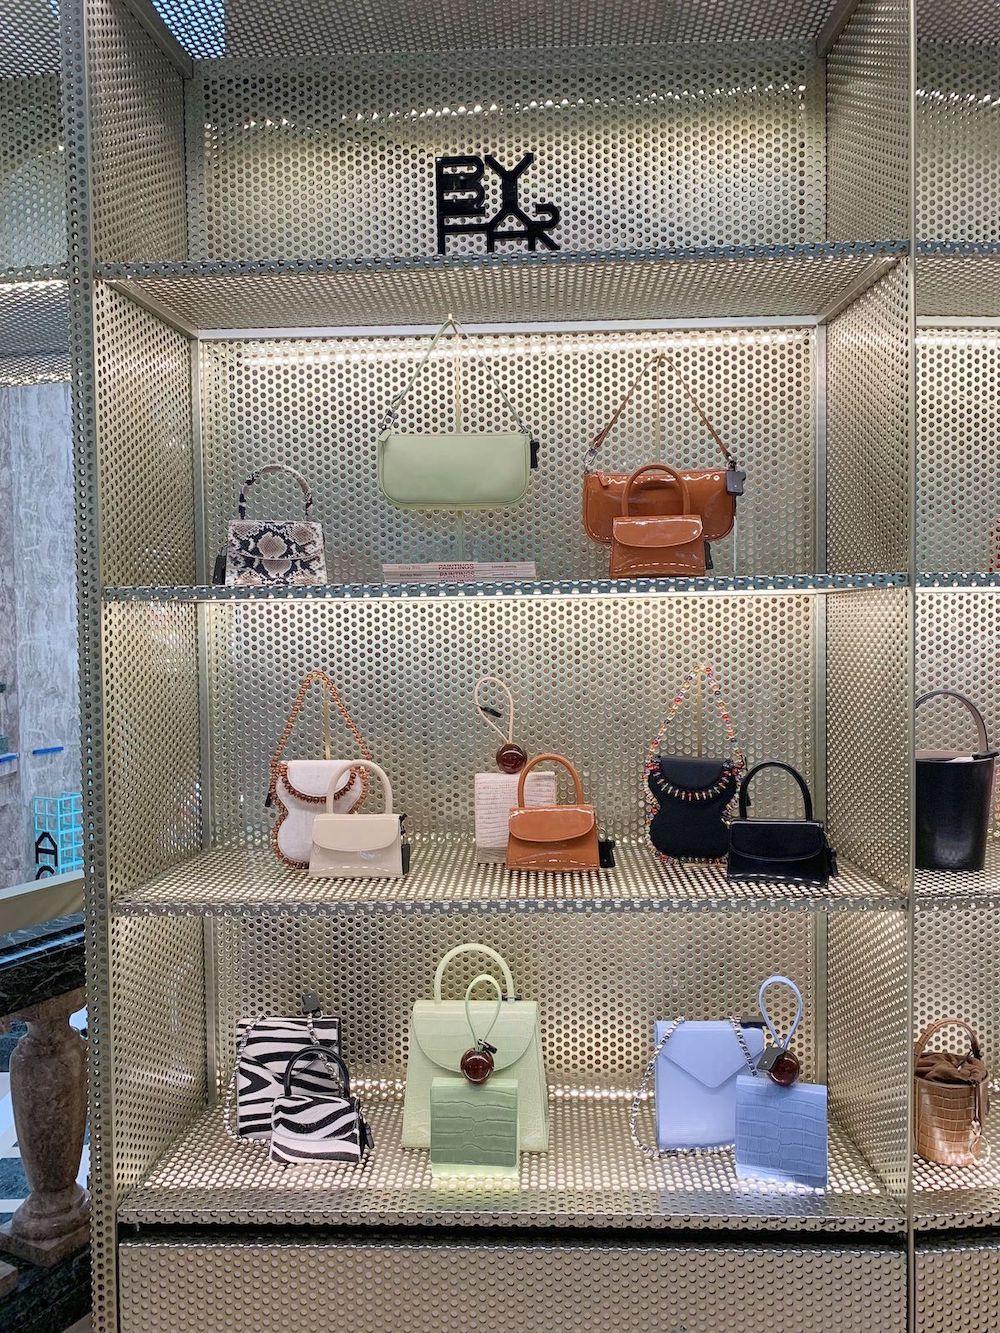 By Far Handbags at Galeries Lafayette Champs Elysées